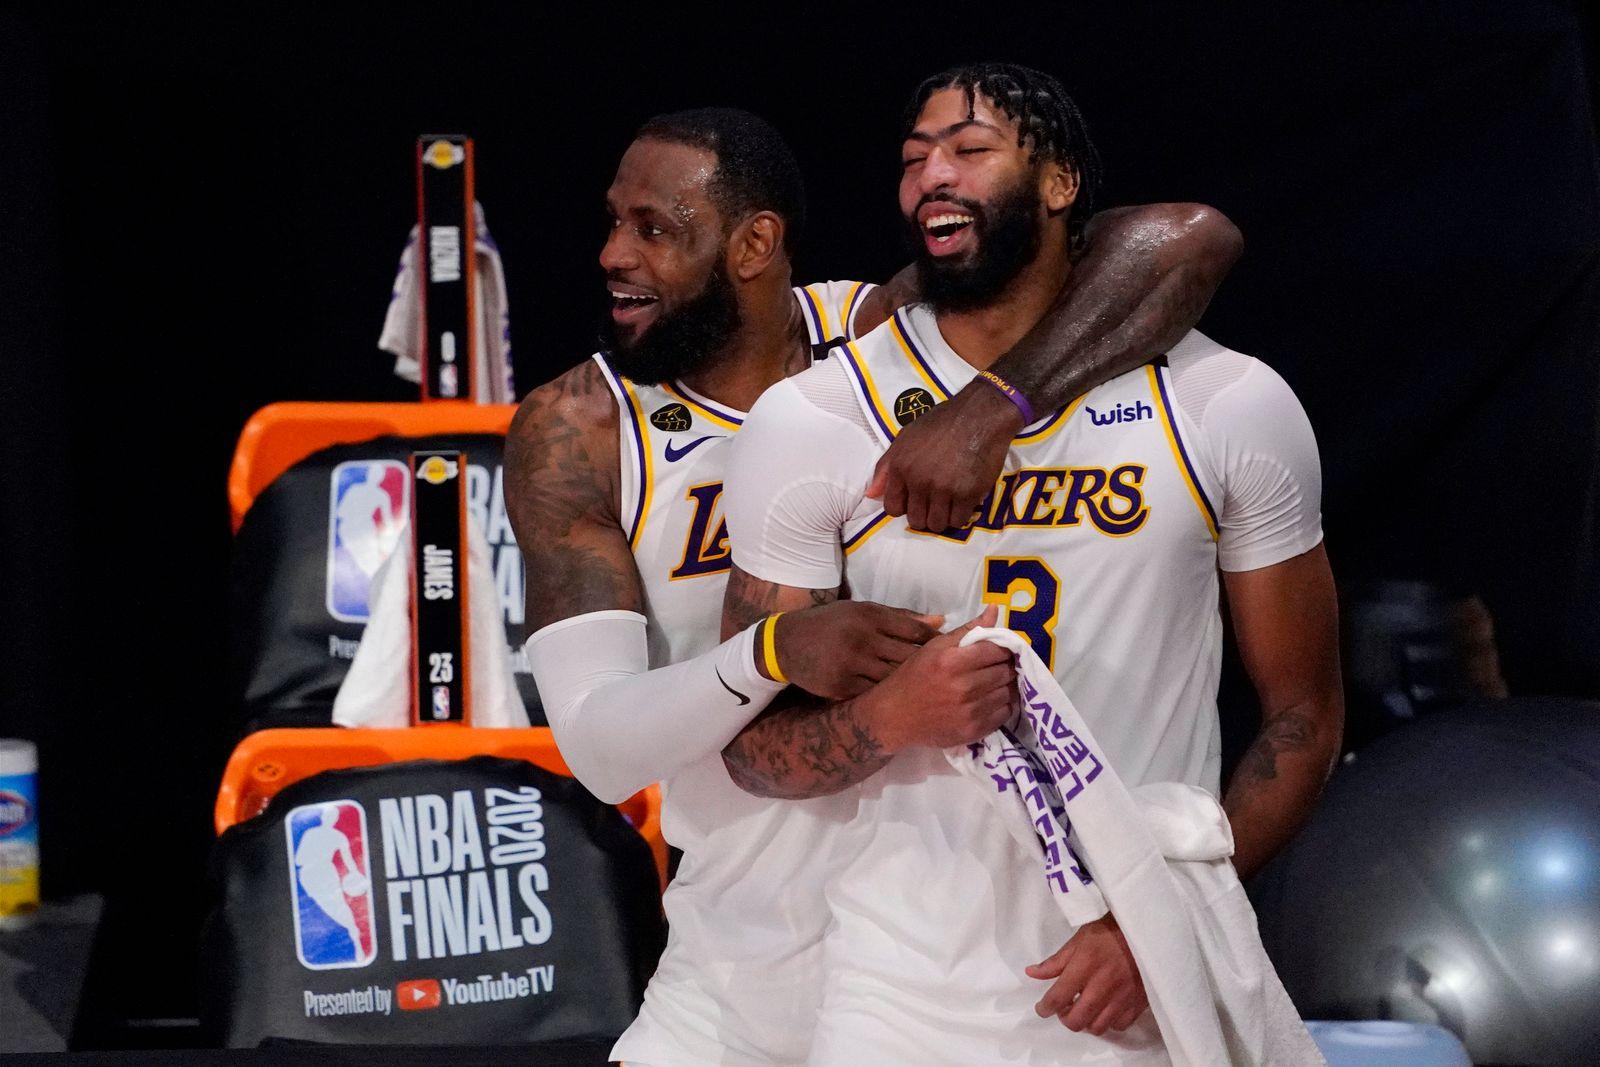 Lakers Davis Basketball